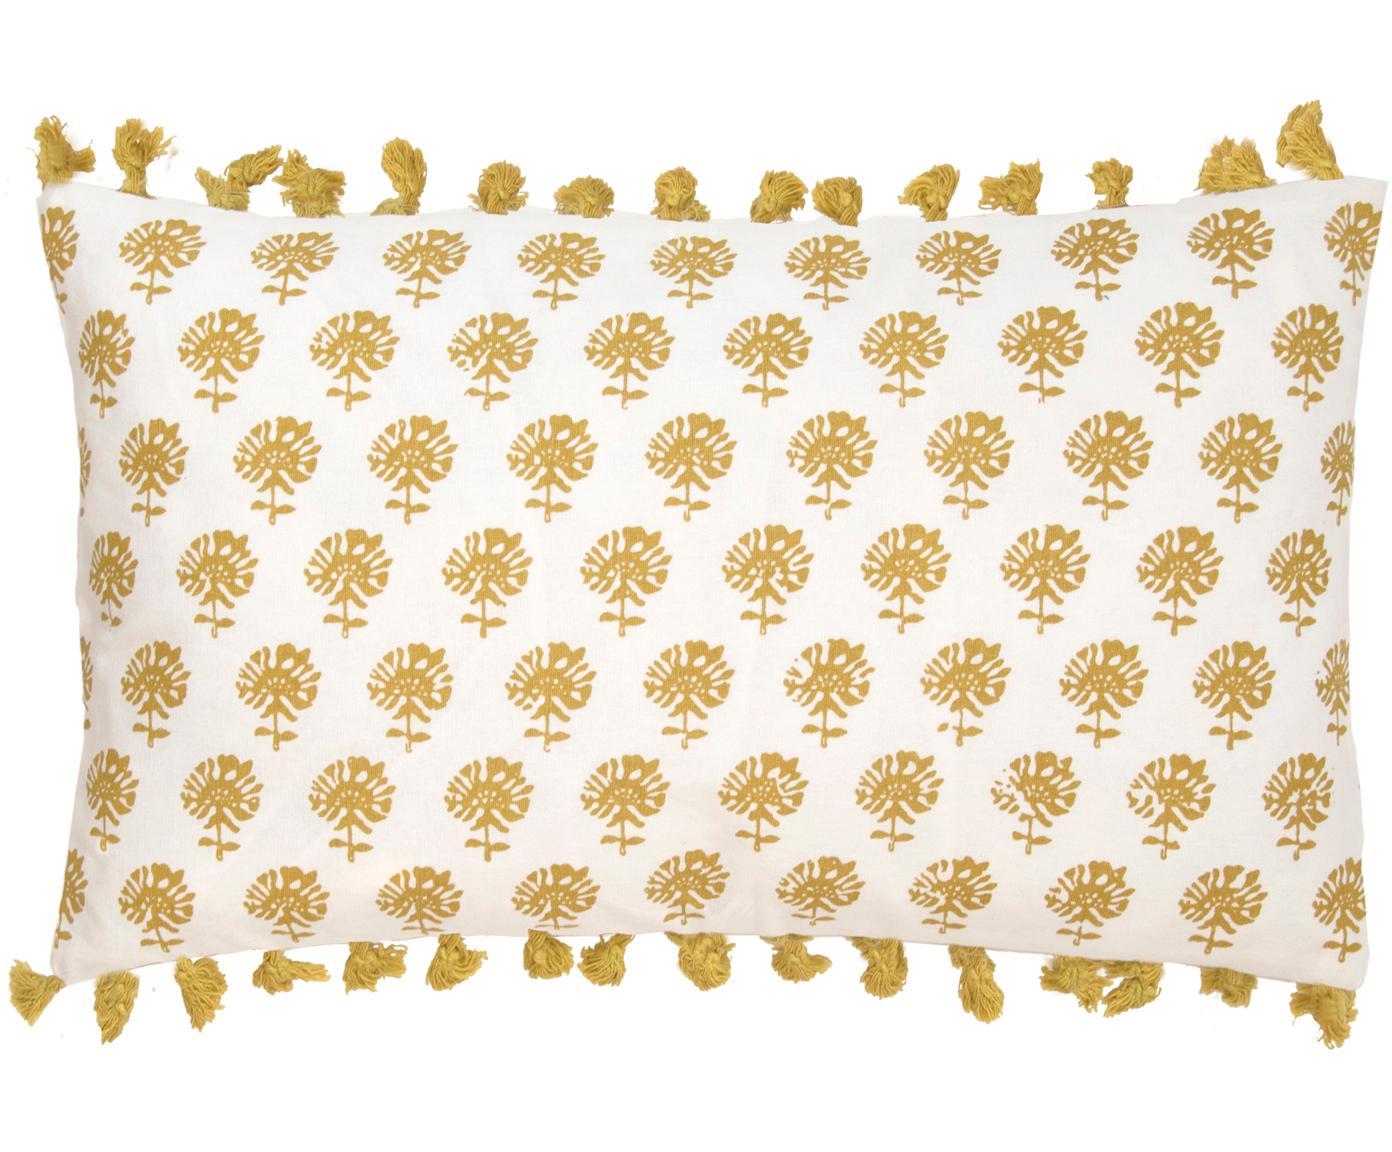 Kussenhoes Poesy met kwastjes, Katoen, Wit, geel, 30 x 50 cm